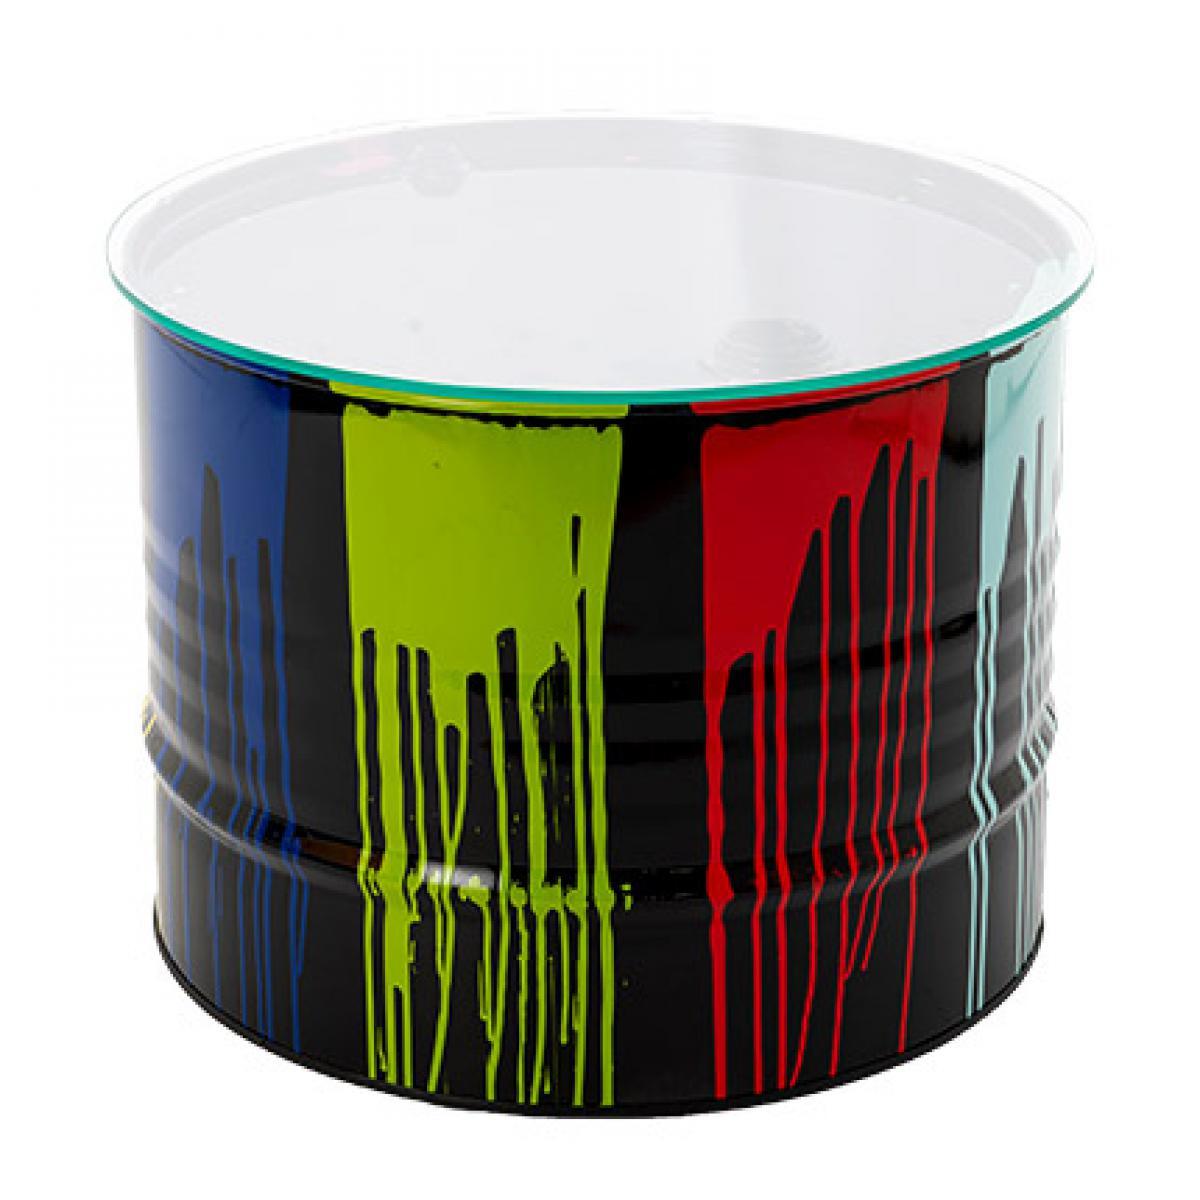 Amadeus Table basse tonneau en verre et métal multicolore - TONNO